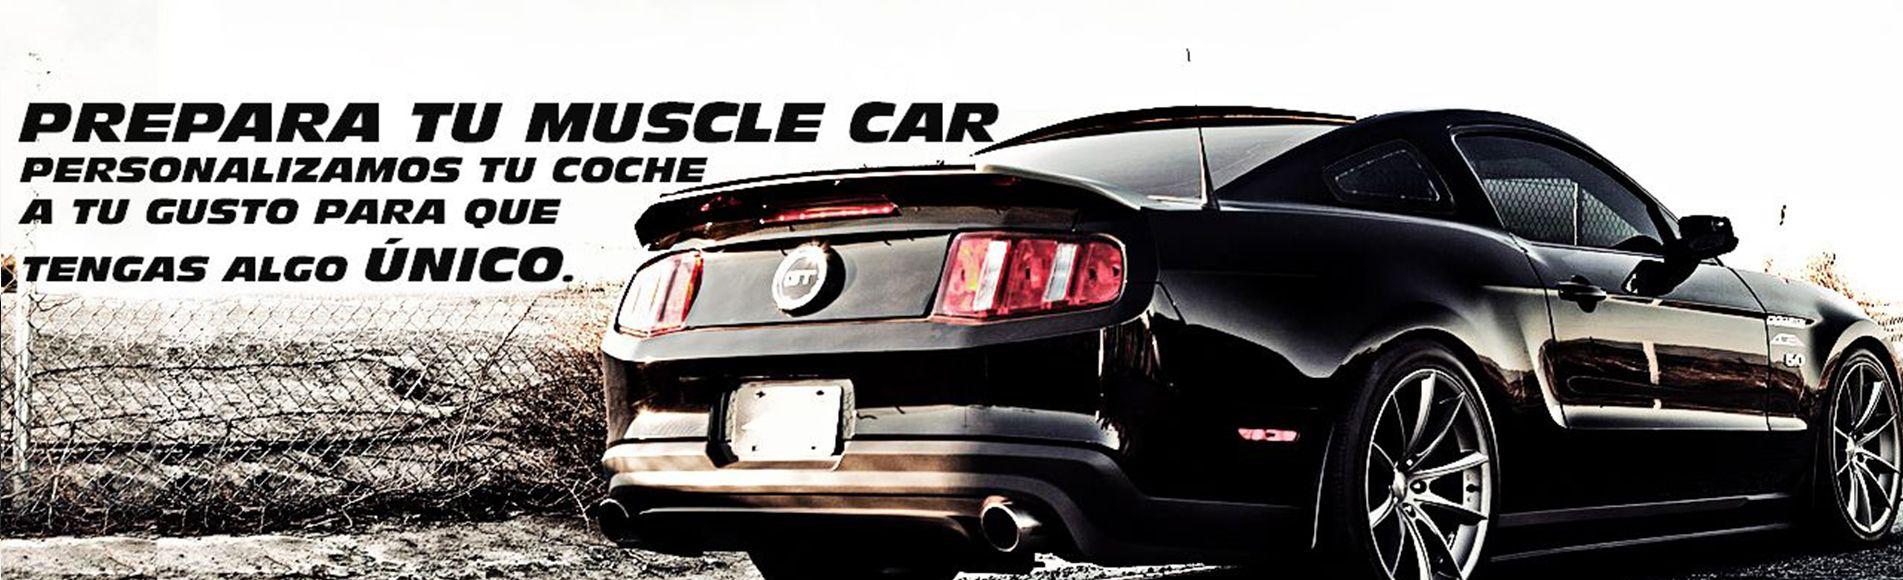 Prepara tu coche. piezas y partes de vehiculos americanos